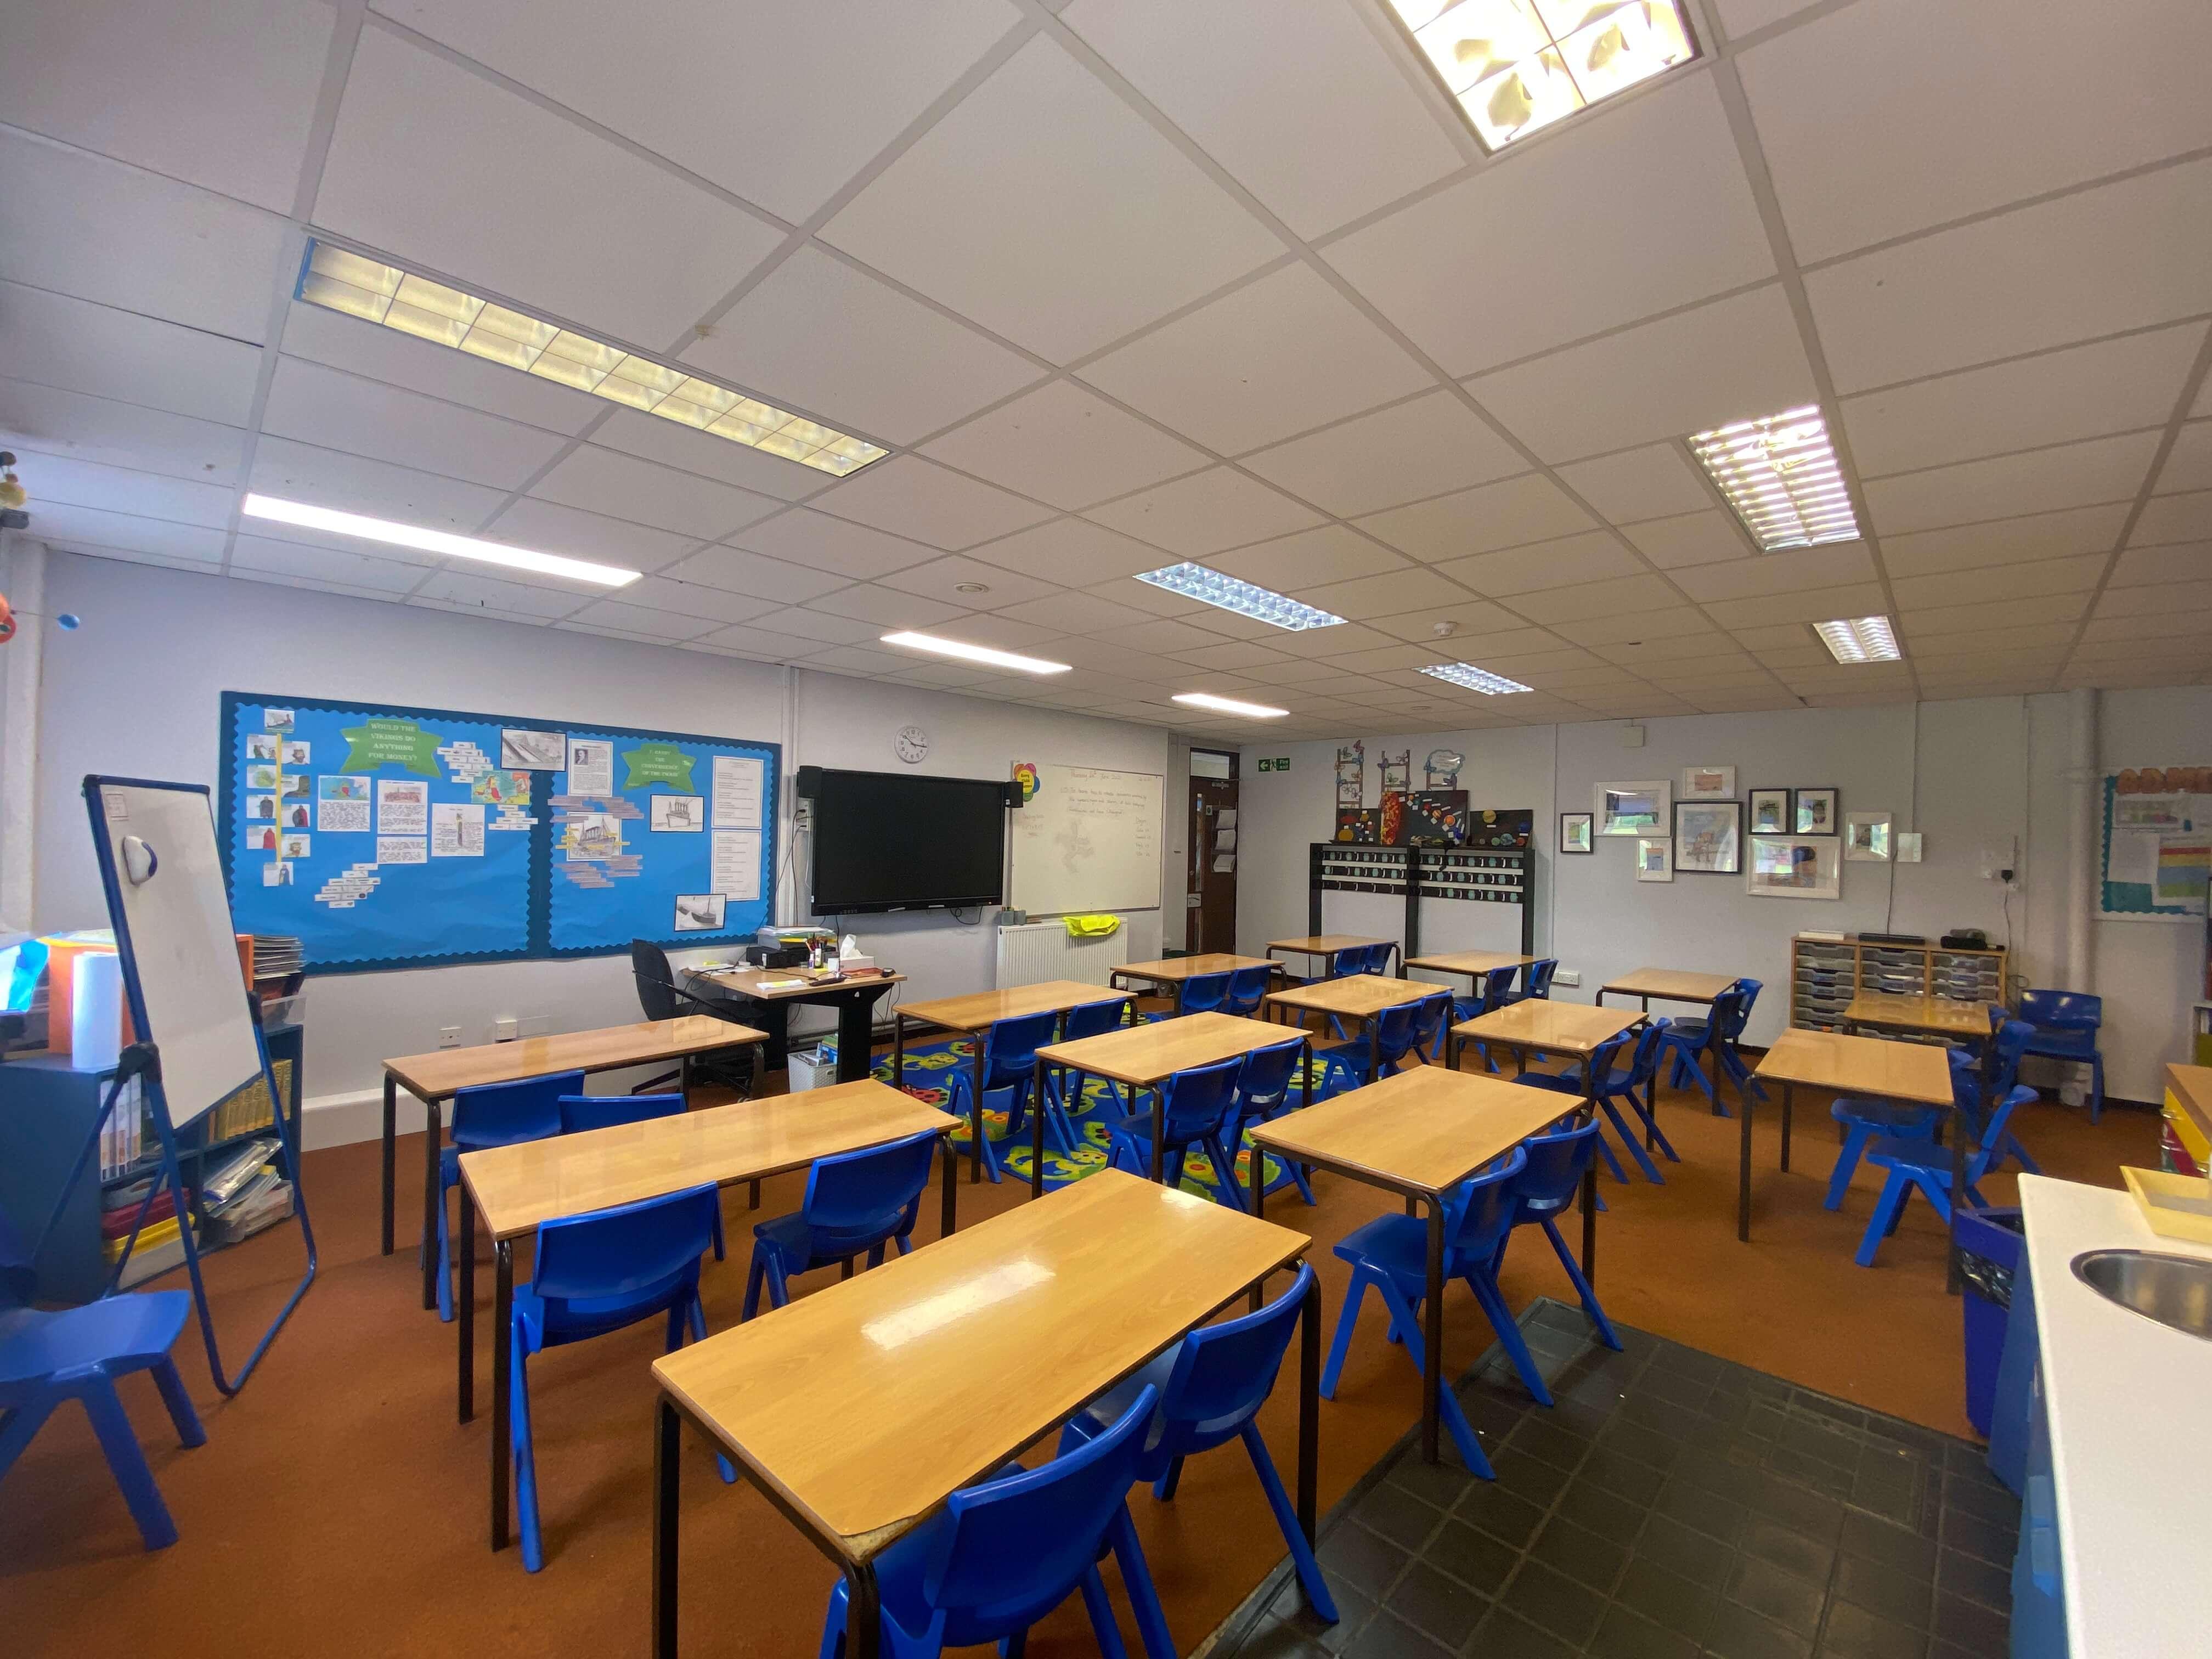 Ferry Lane Primary School Classroom 1